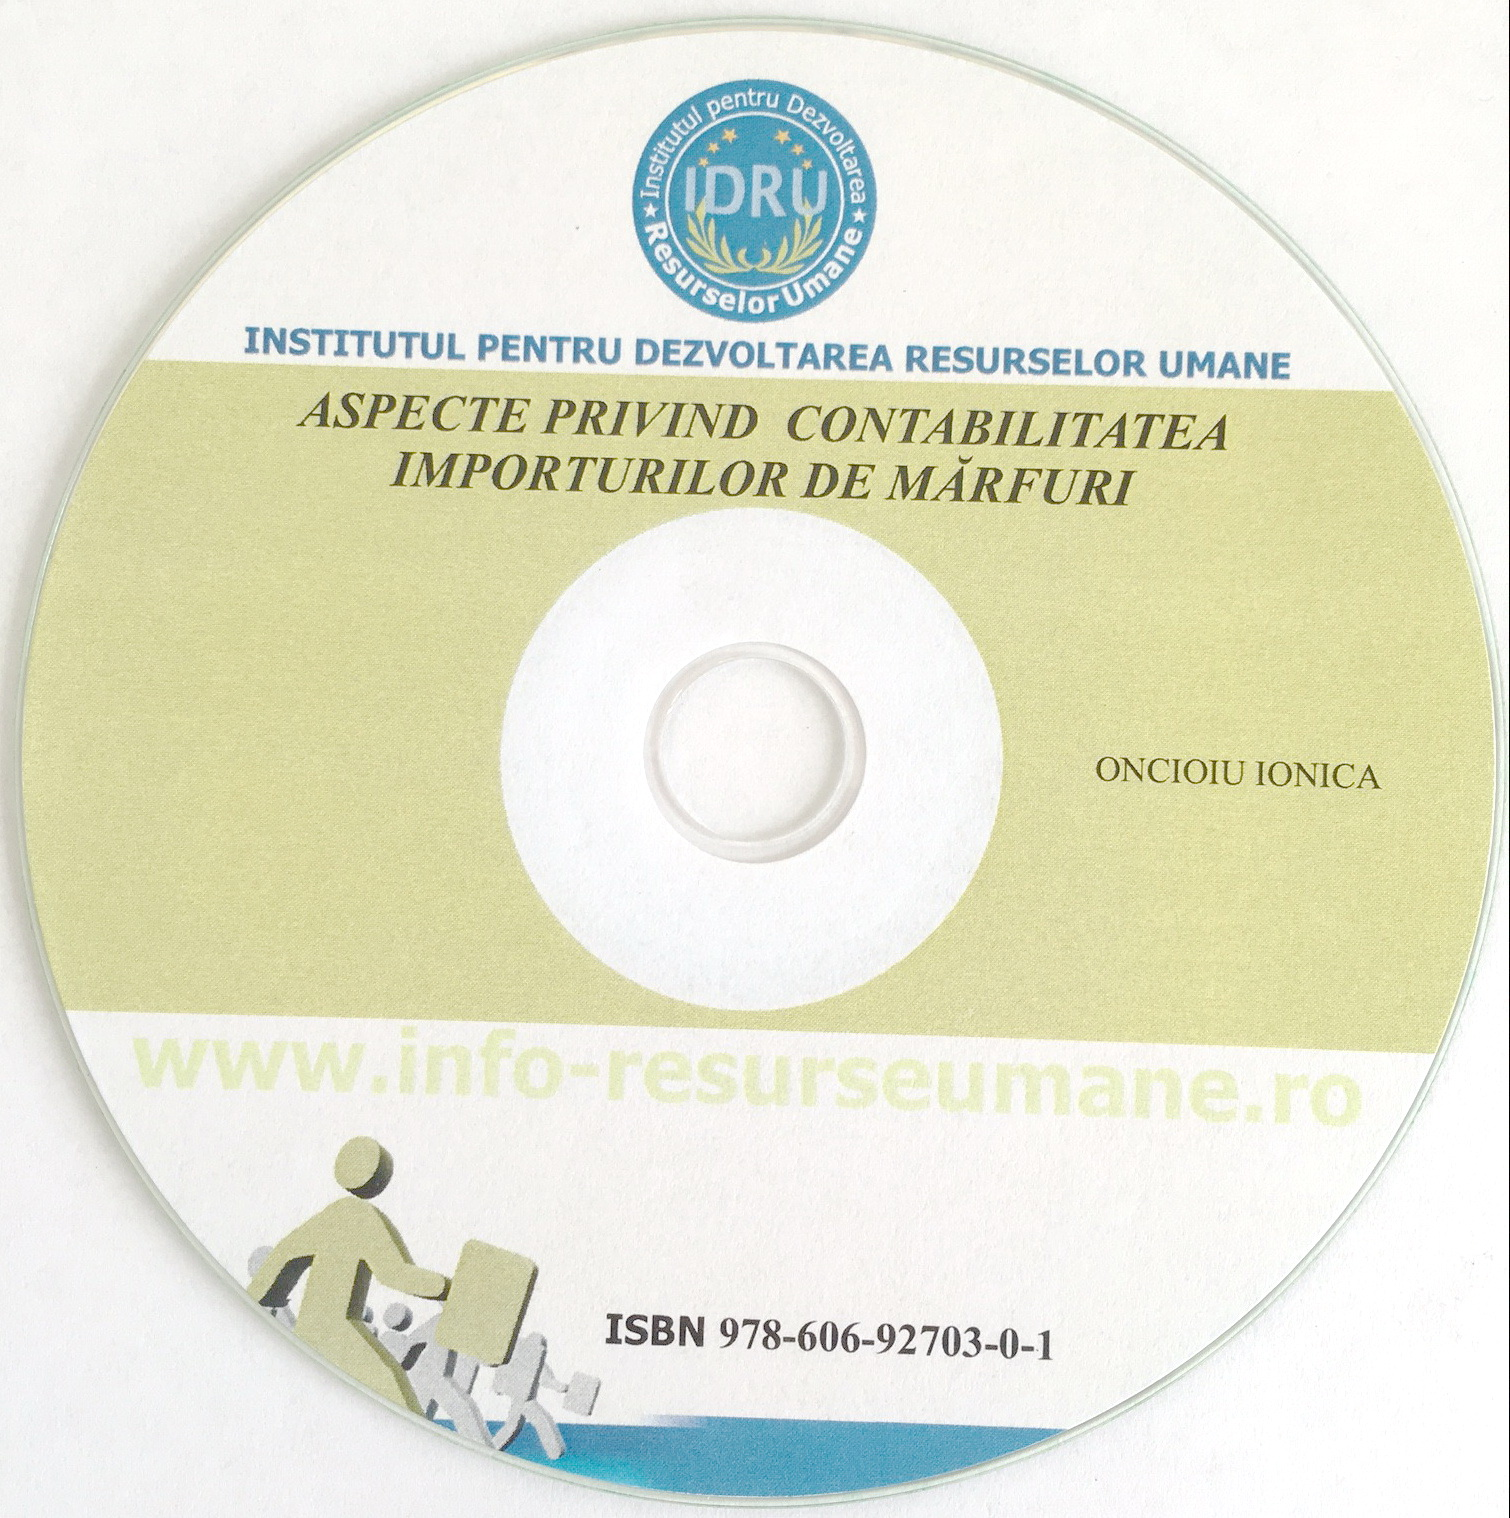 Aspecte privind contabilitatea importurilor de marfuri